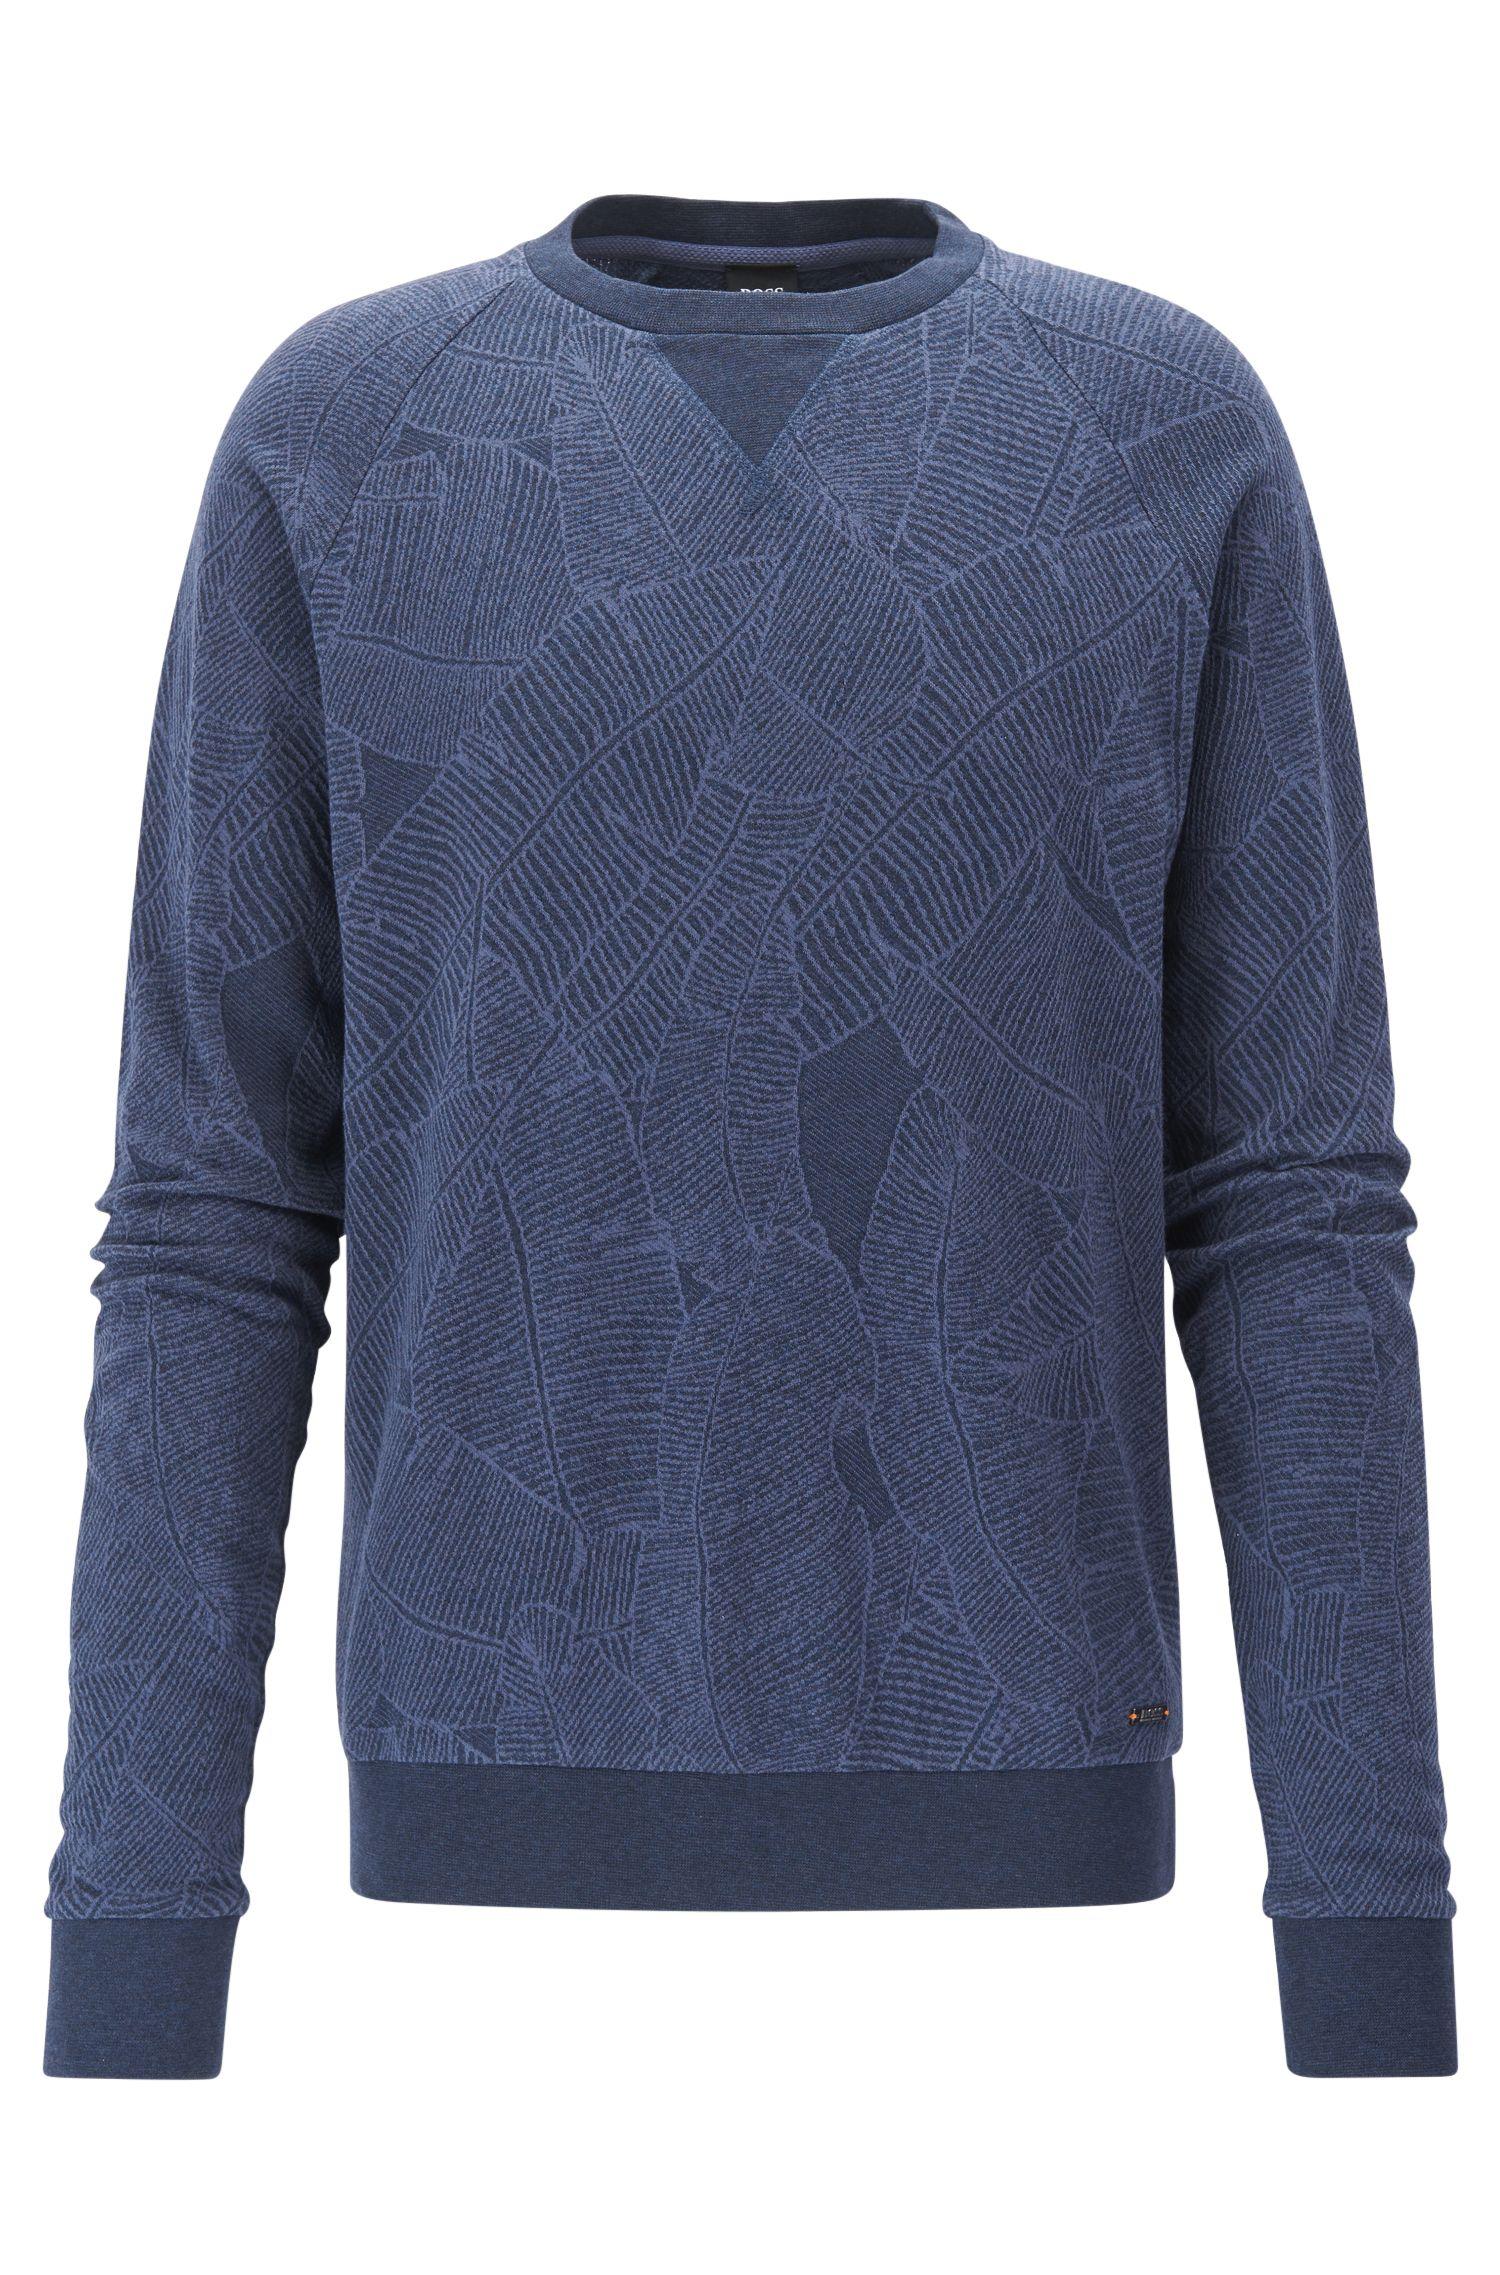 Leaf-Print Cotton Sweatshirt | Wenti, Dark Blue